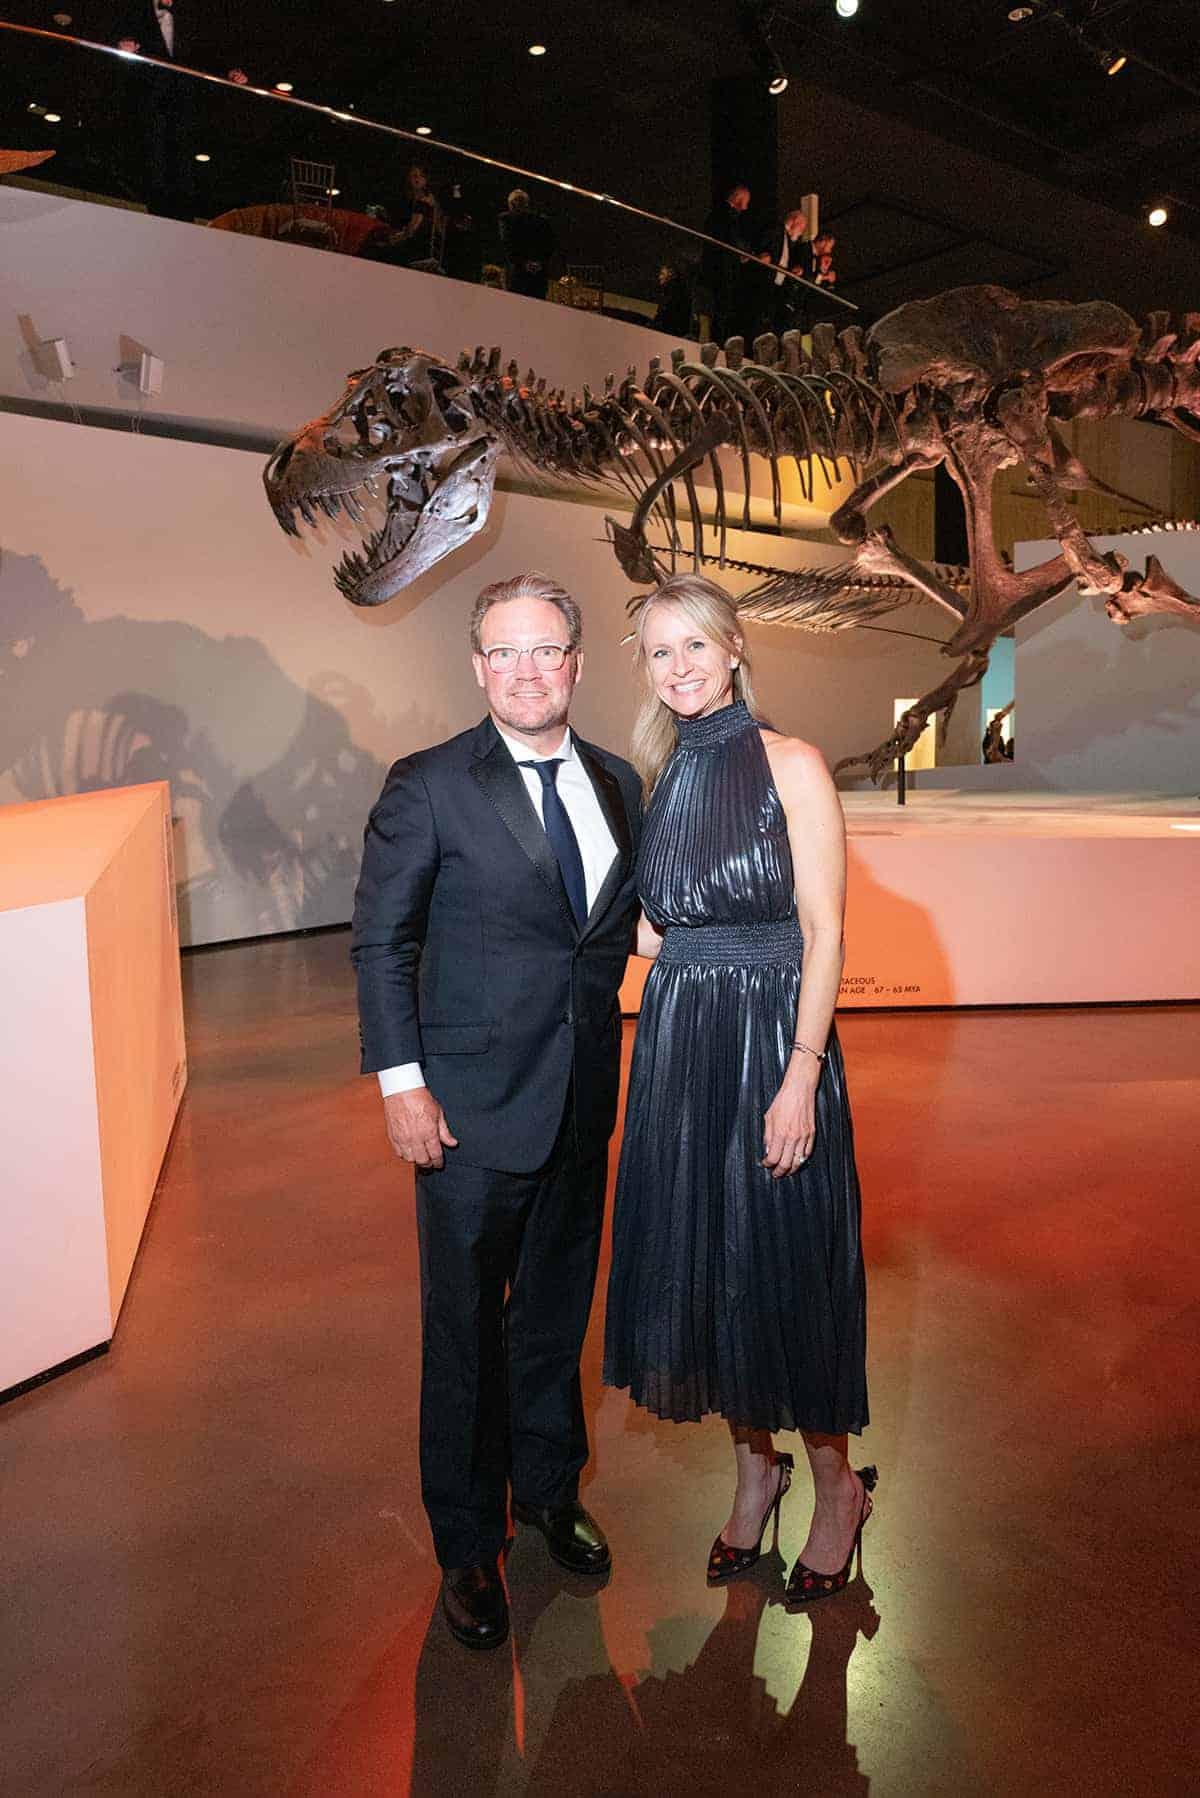 Craig Wakefield and Shawna Shaw